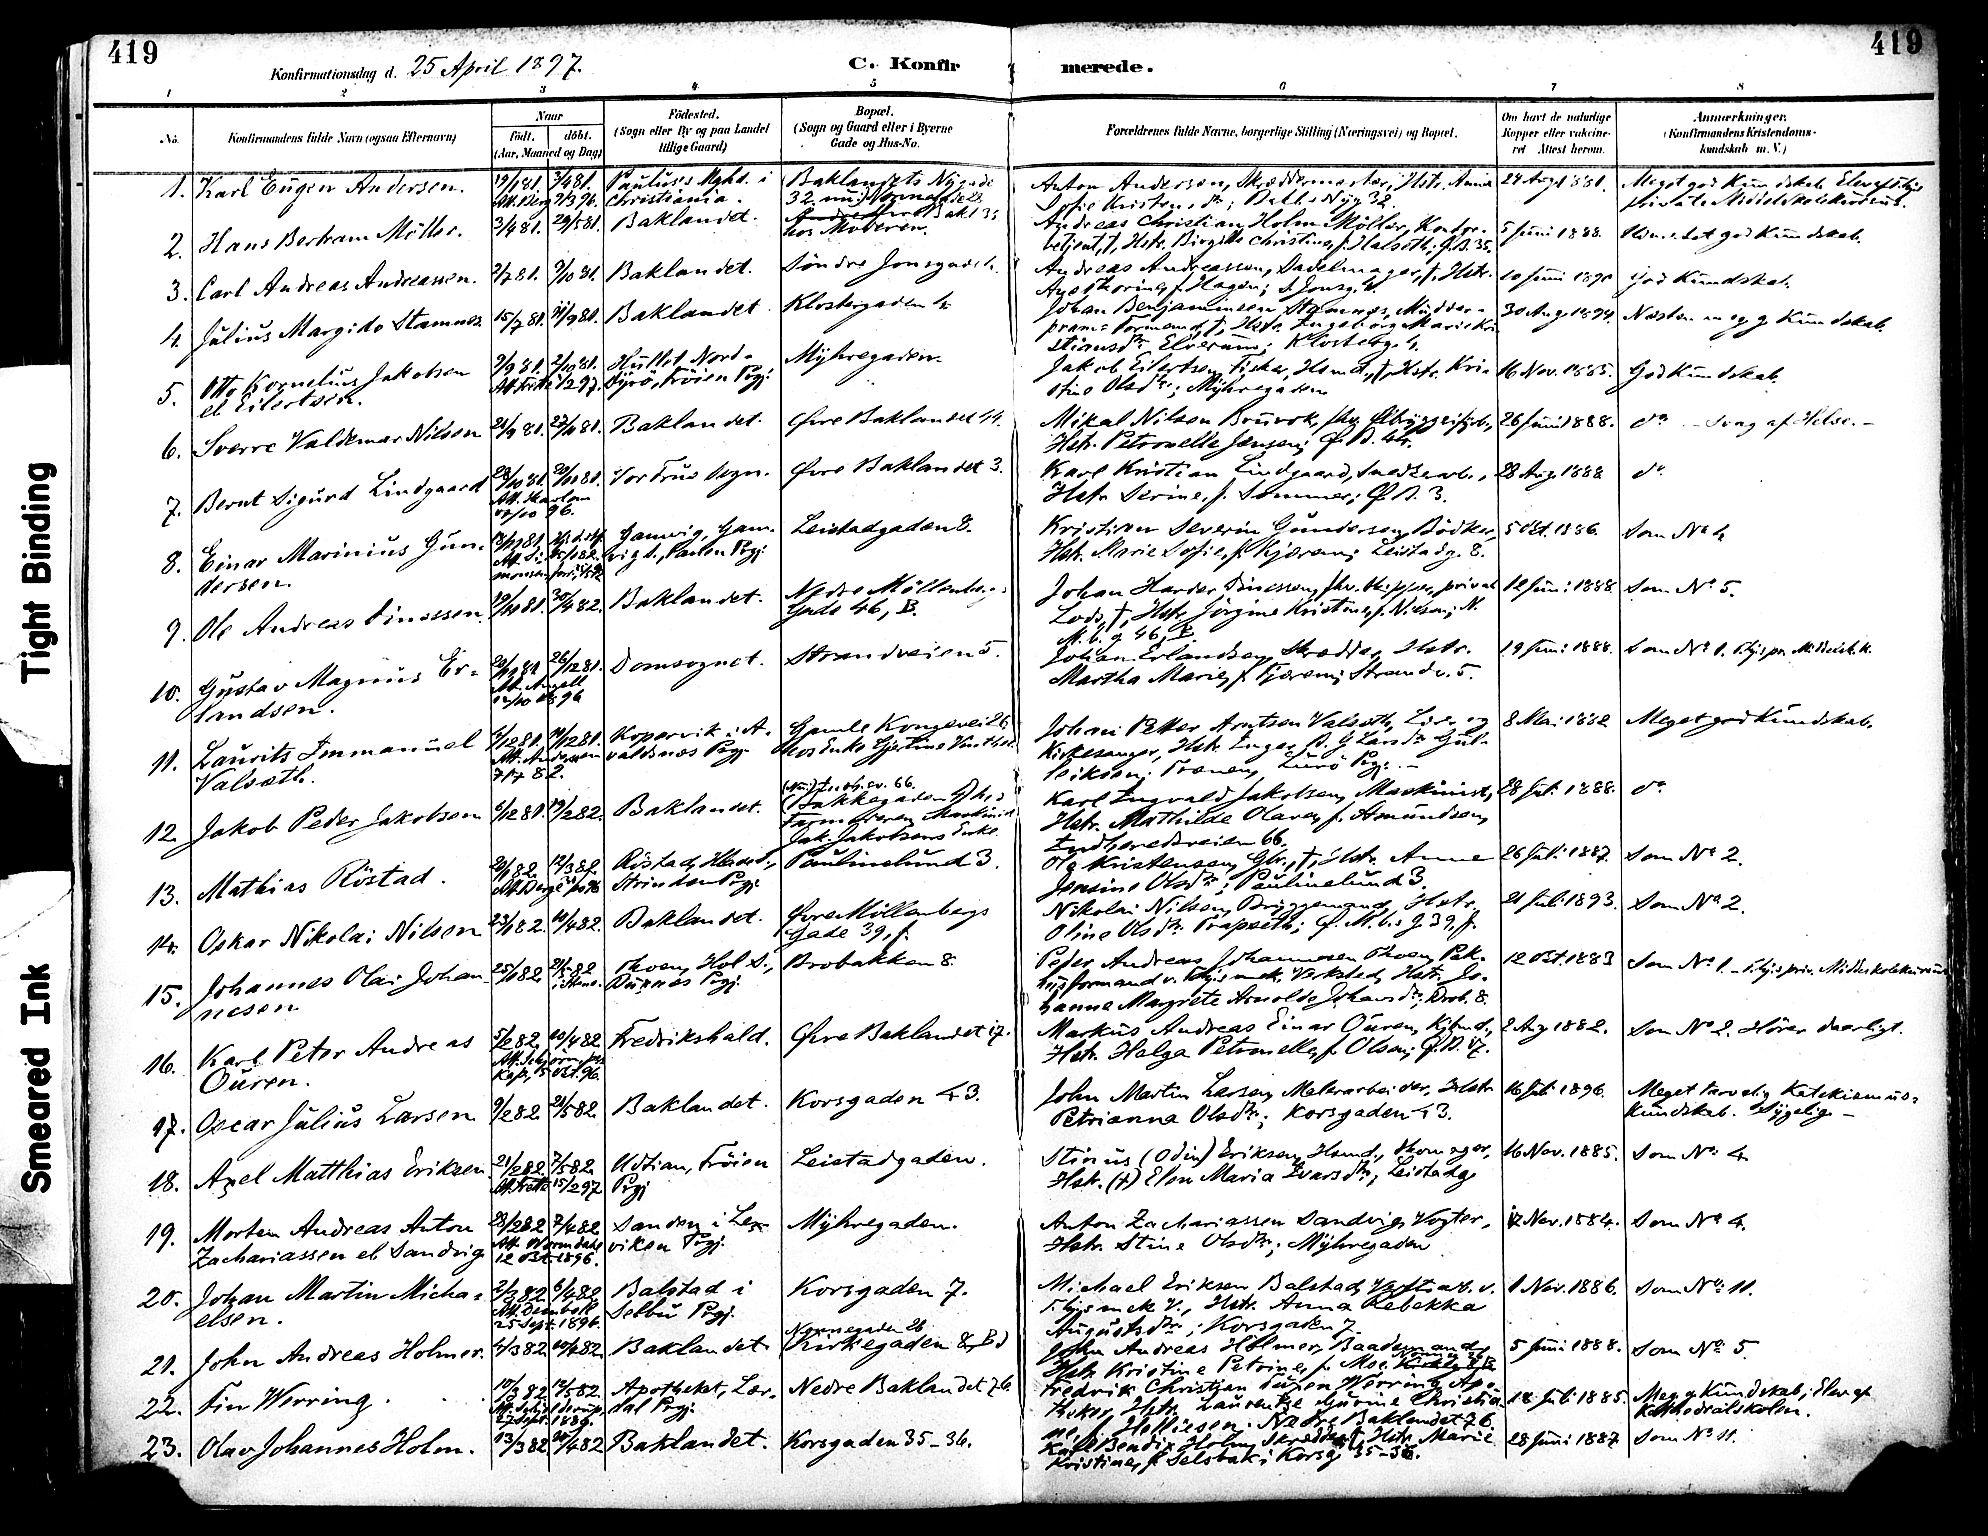 SAT, Ministerialprotokoller, klokkerbøker og fødselsregistre - Sør-Trøndelag, 604/L0197: Ministerialbok nr. 604A18, 1893-1900, s. 419